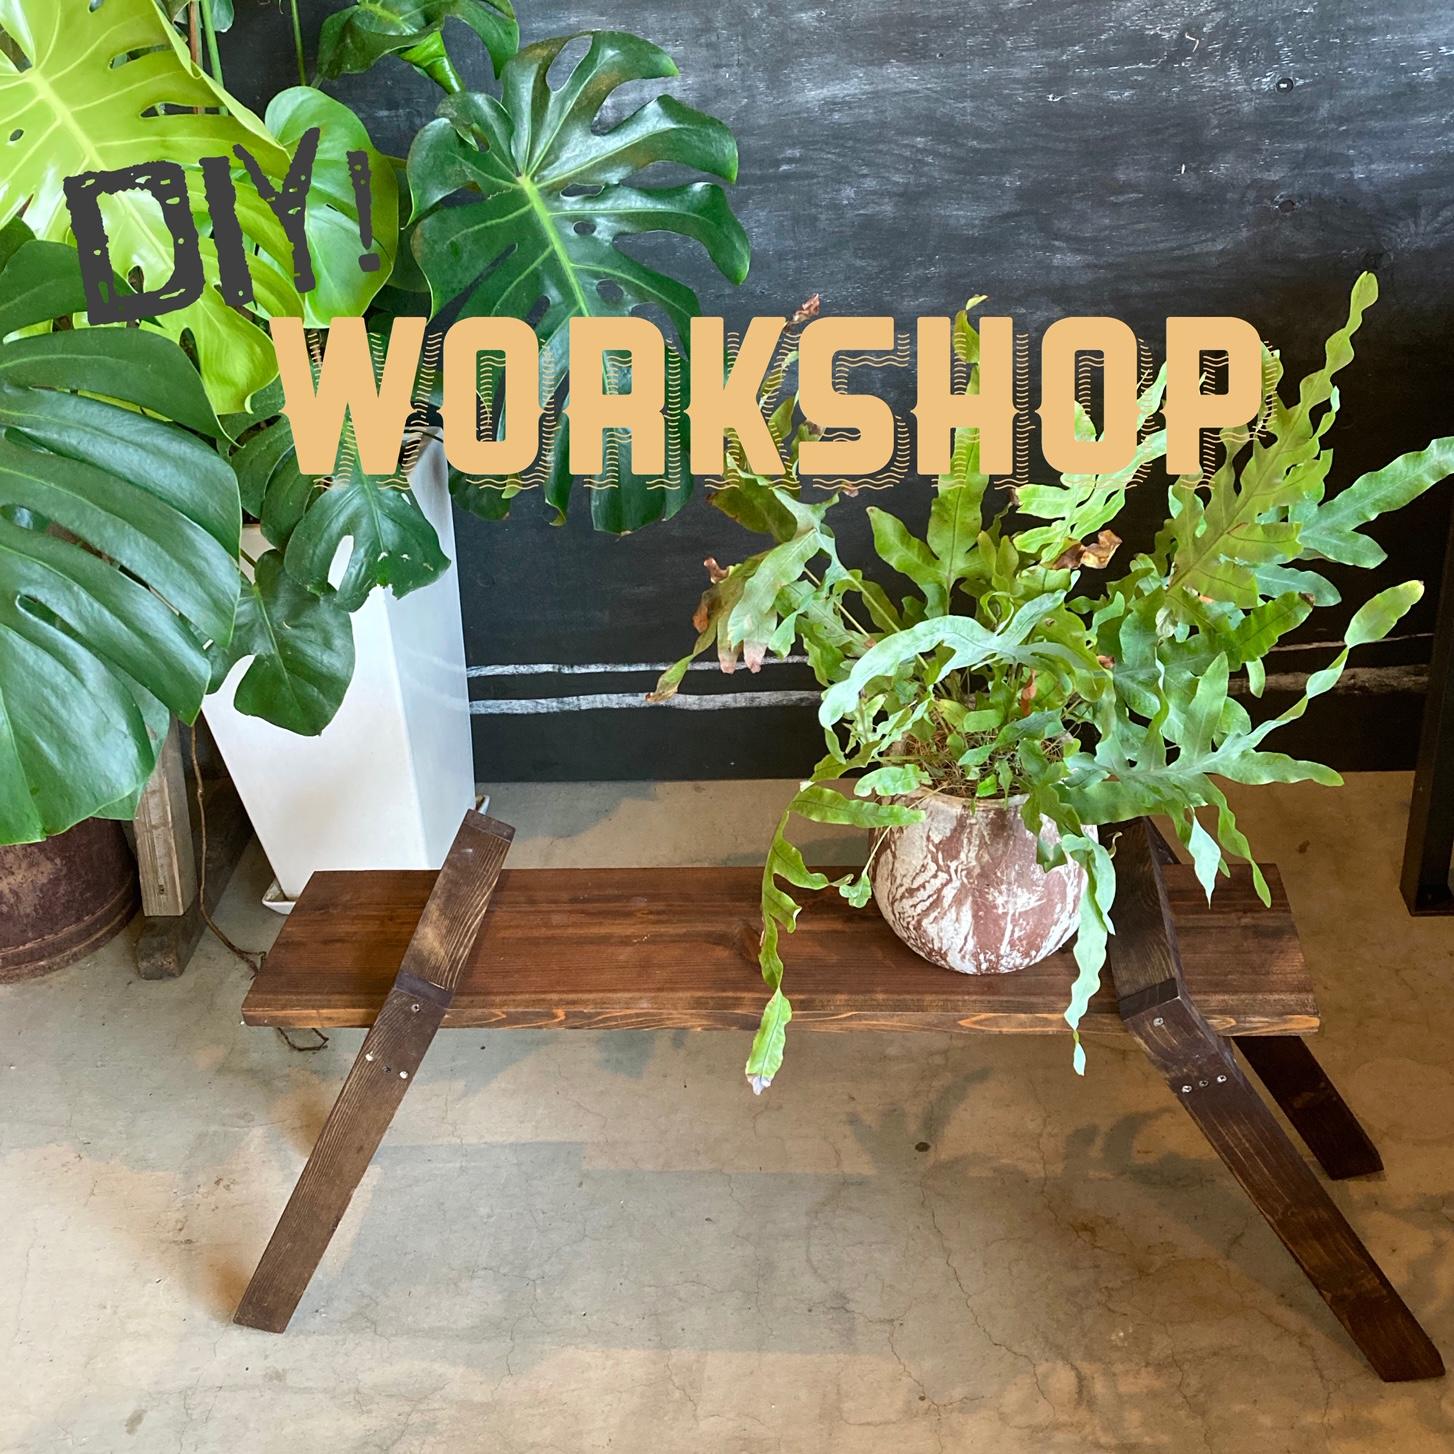 Let'sDIY!Garden furniture